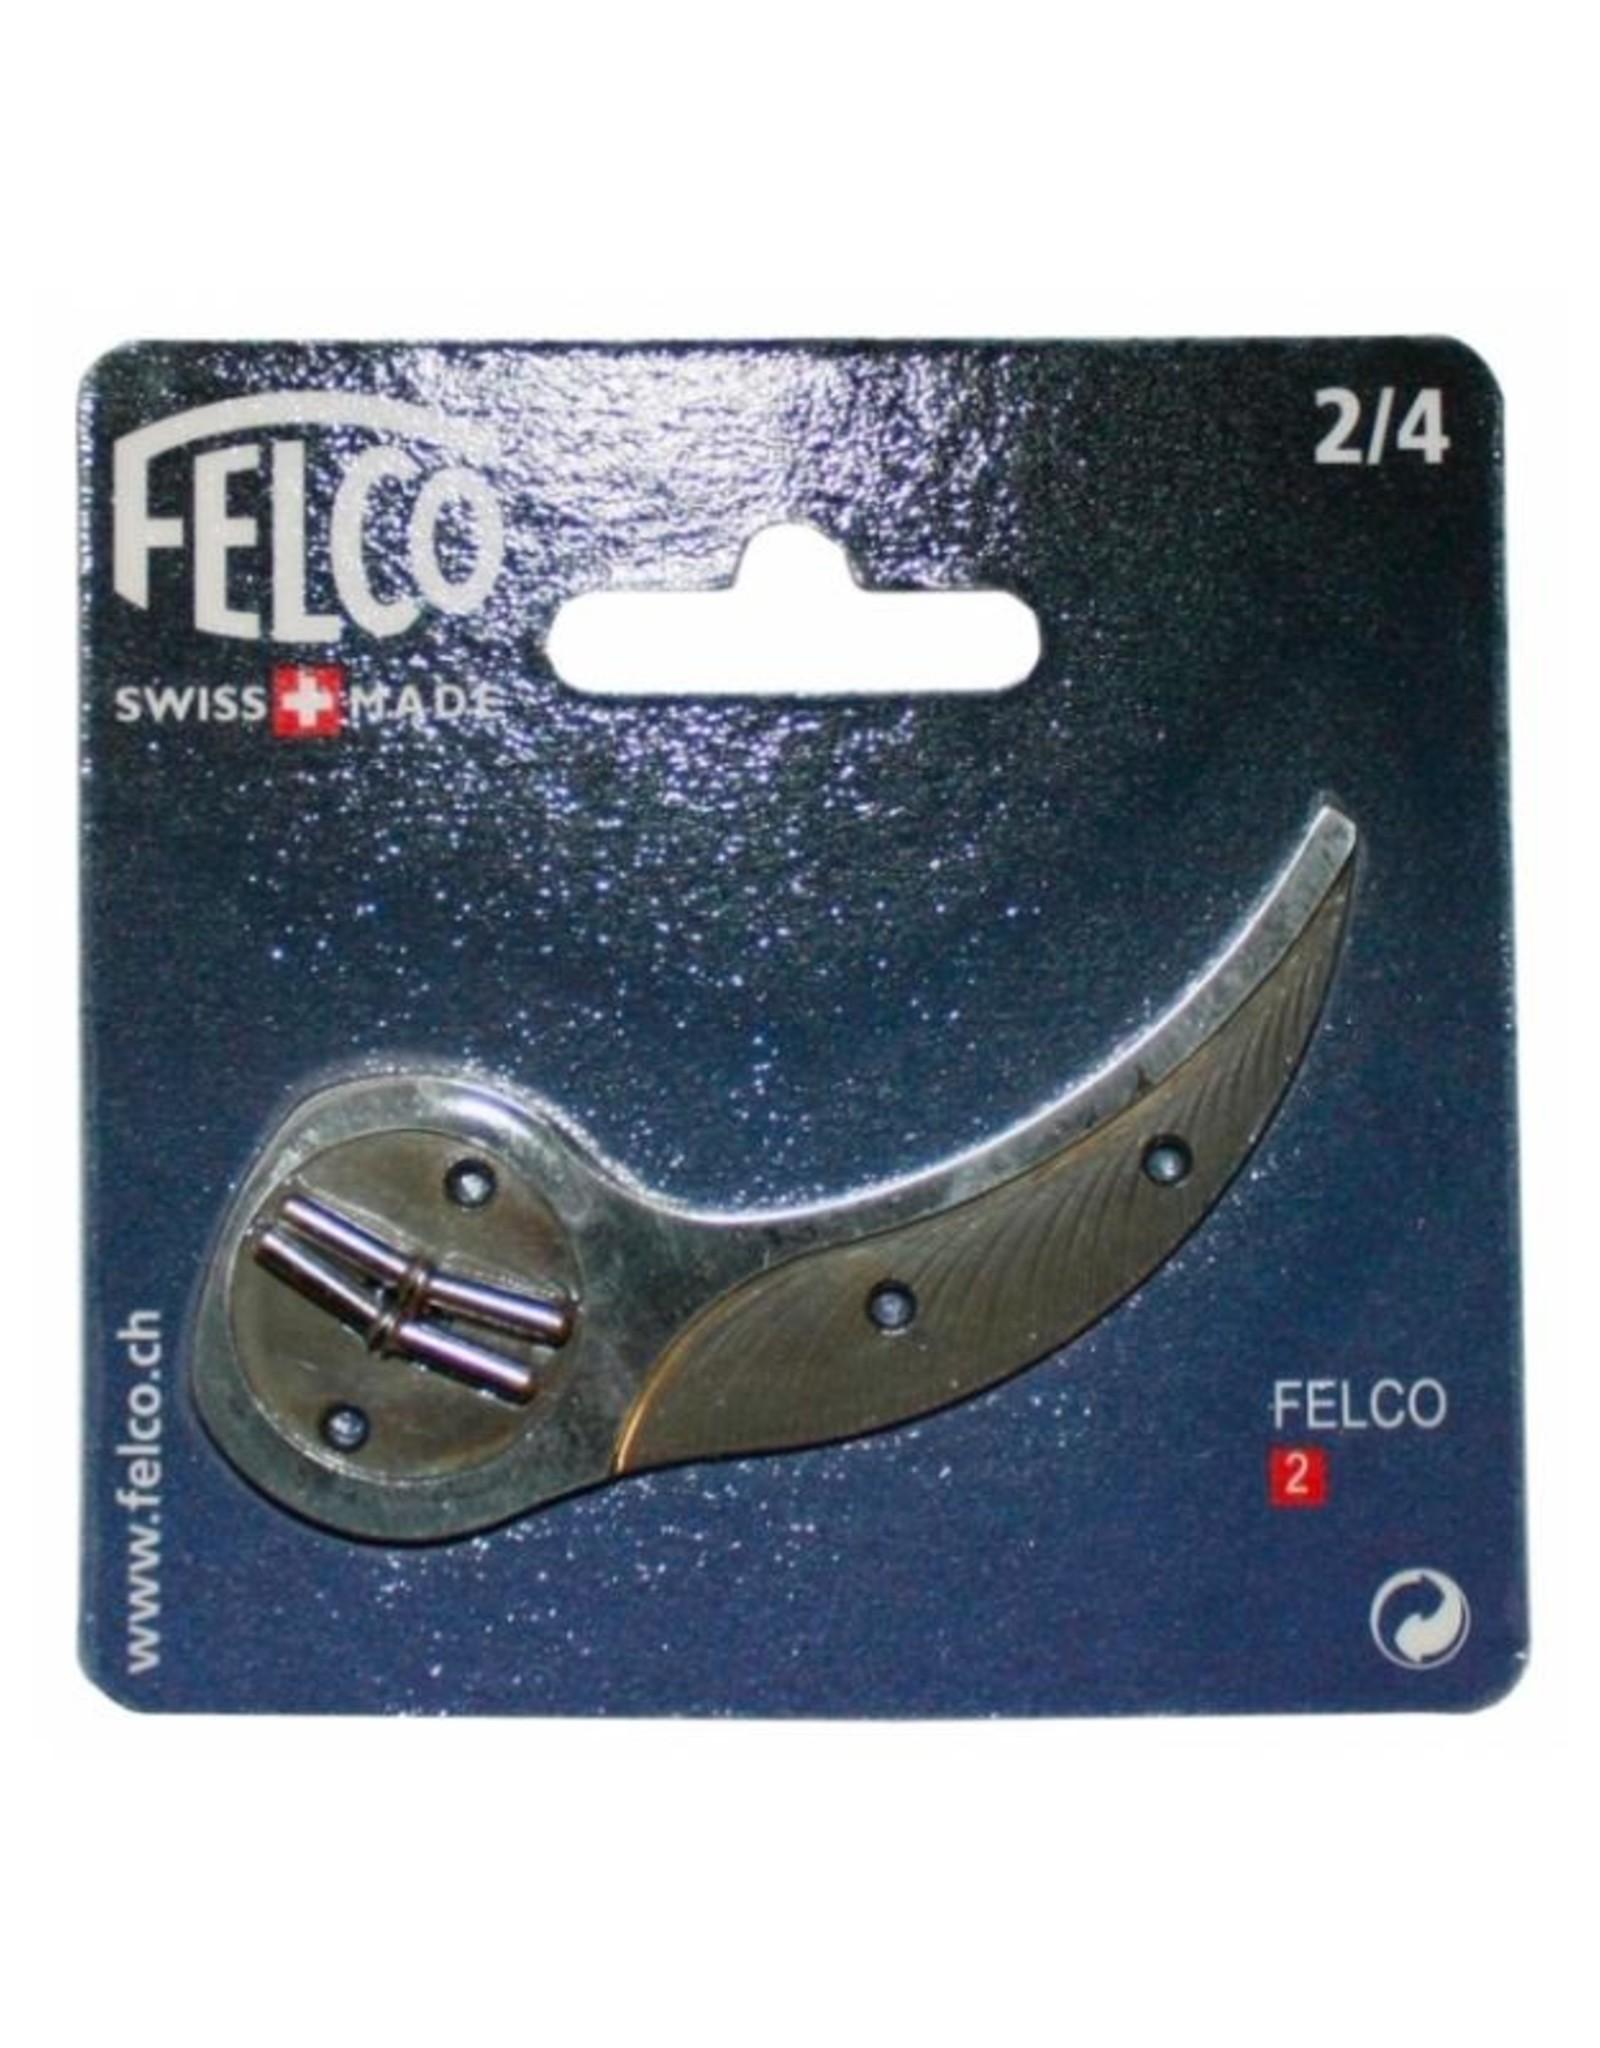 Felco ondermes 2/4 voor Felco 2 met klinknagels